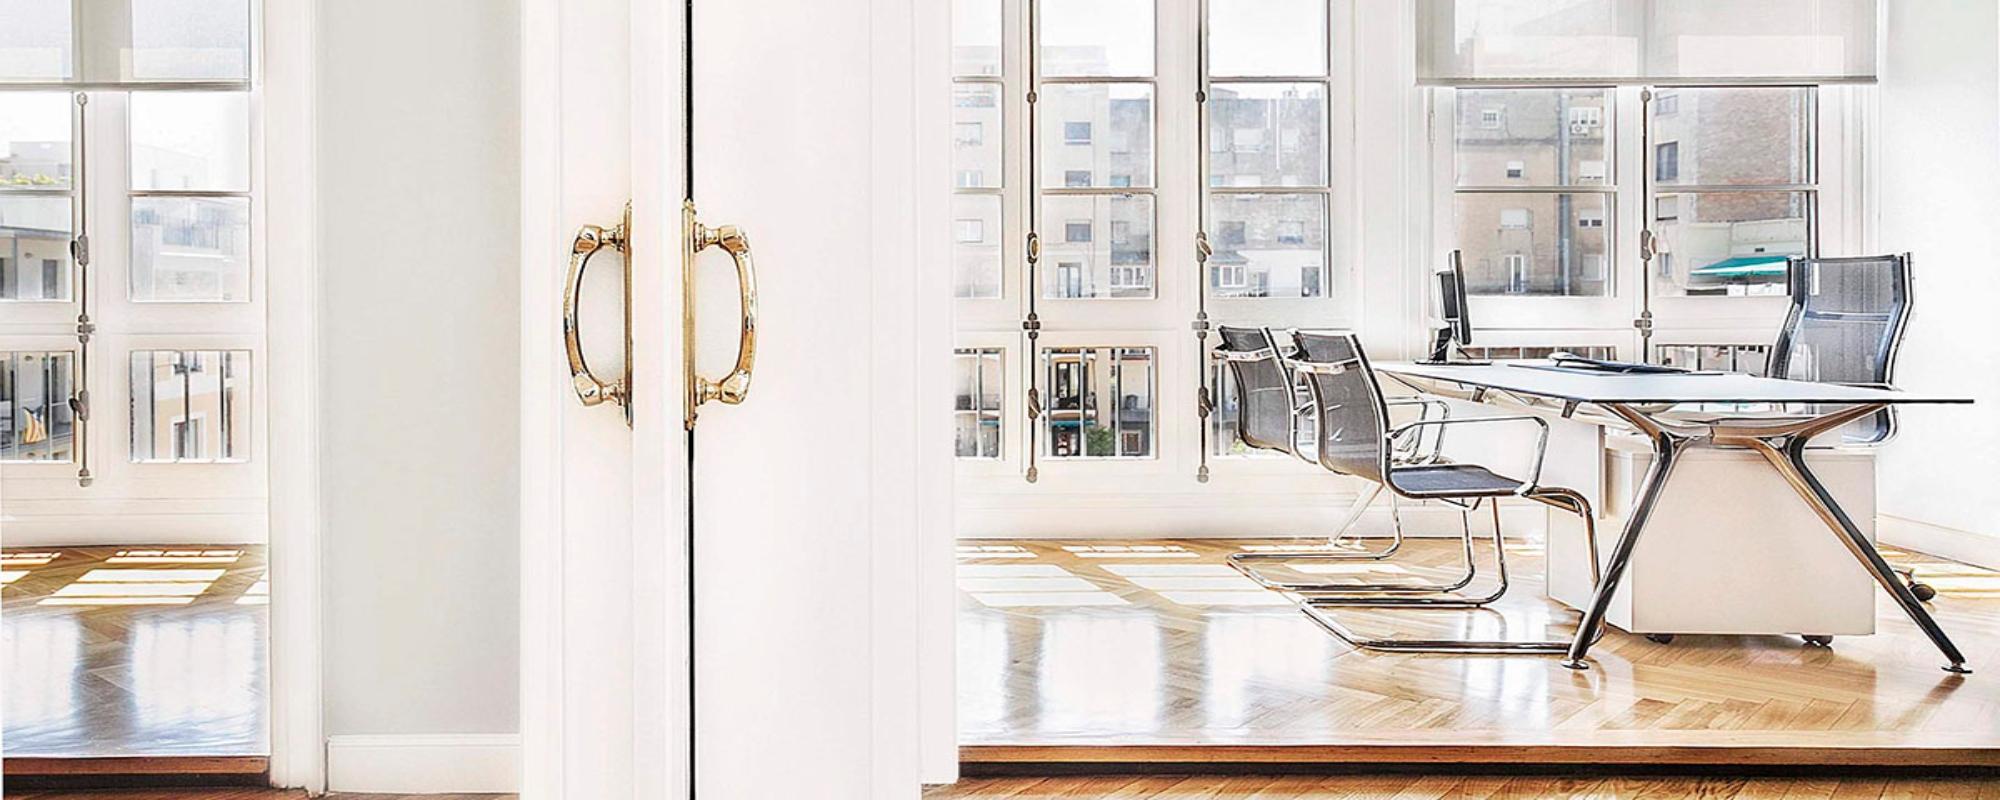 Estudio de Interiores: Hogara crea proyectos lujuosos desde Barcelona estudio de interiores Estudio de Interiores: Hogara crea proyectos lujuosos desde Barcelona Featured 9